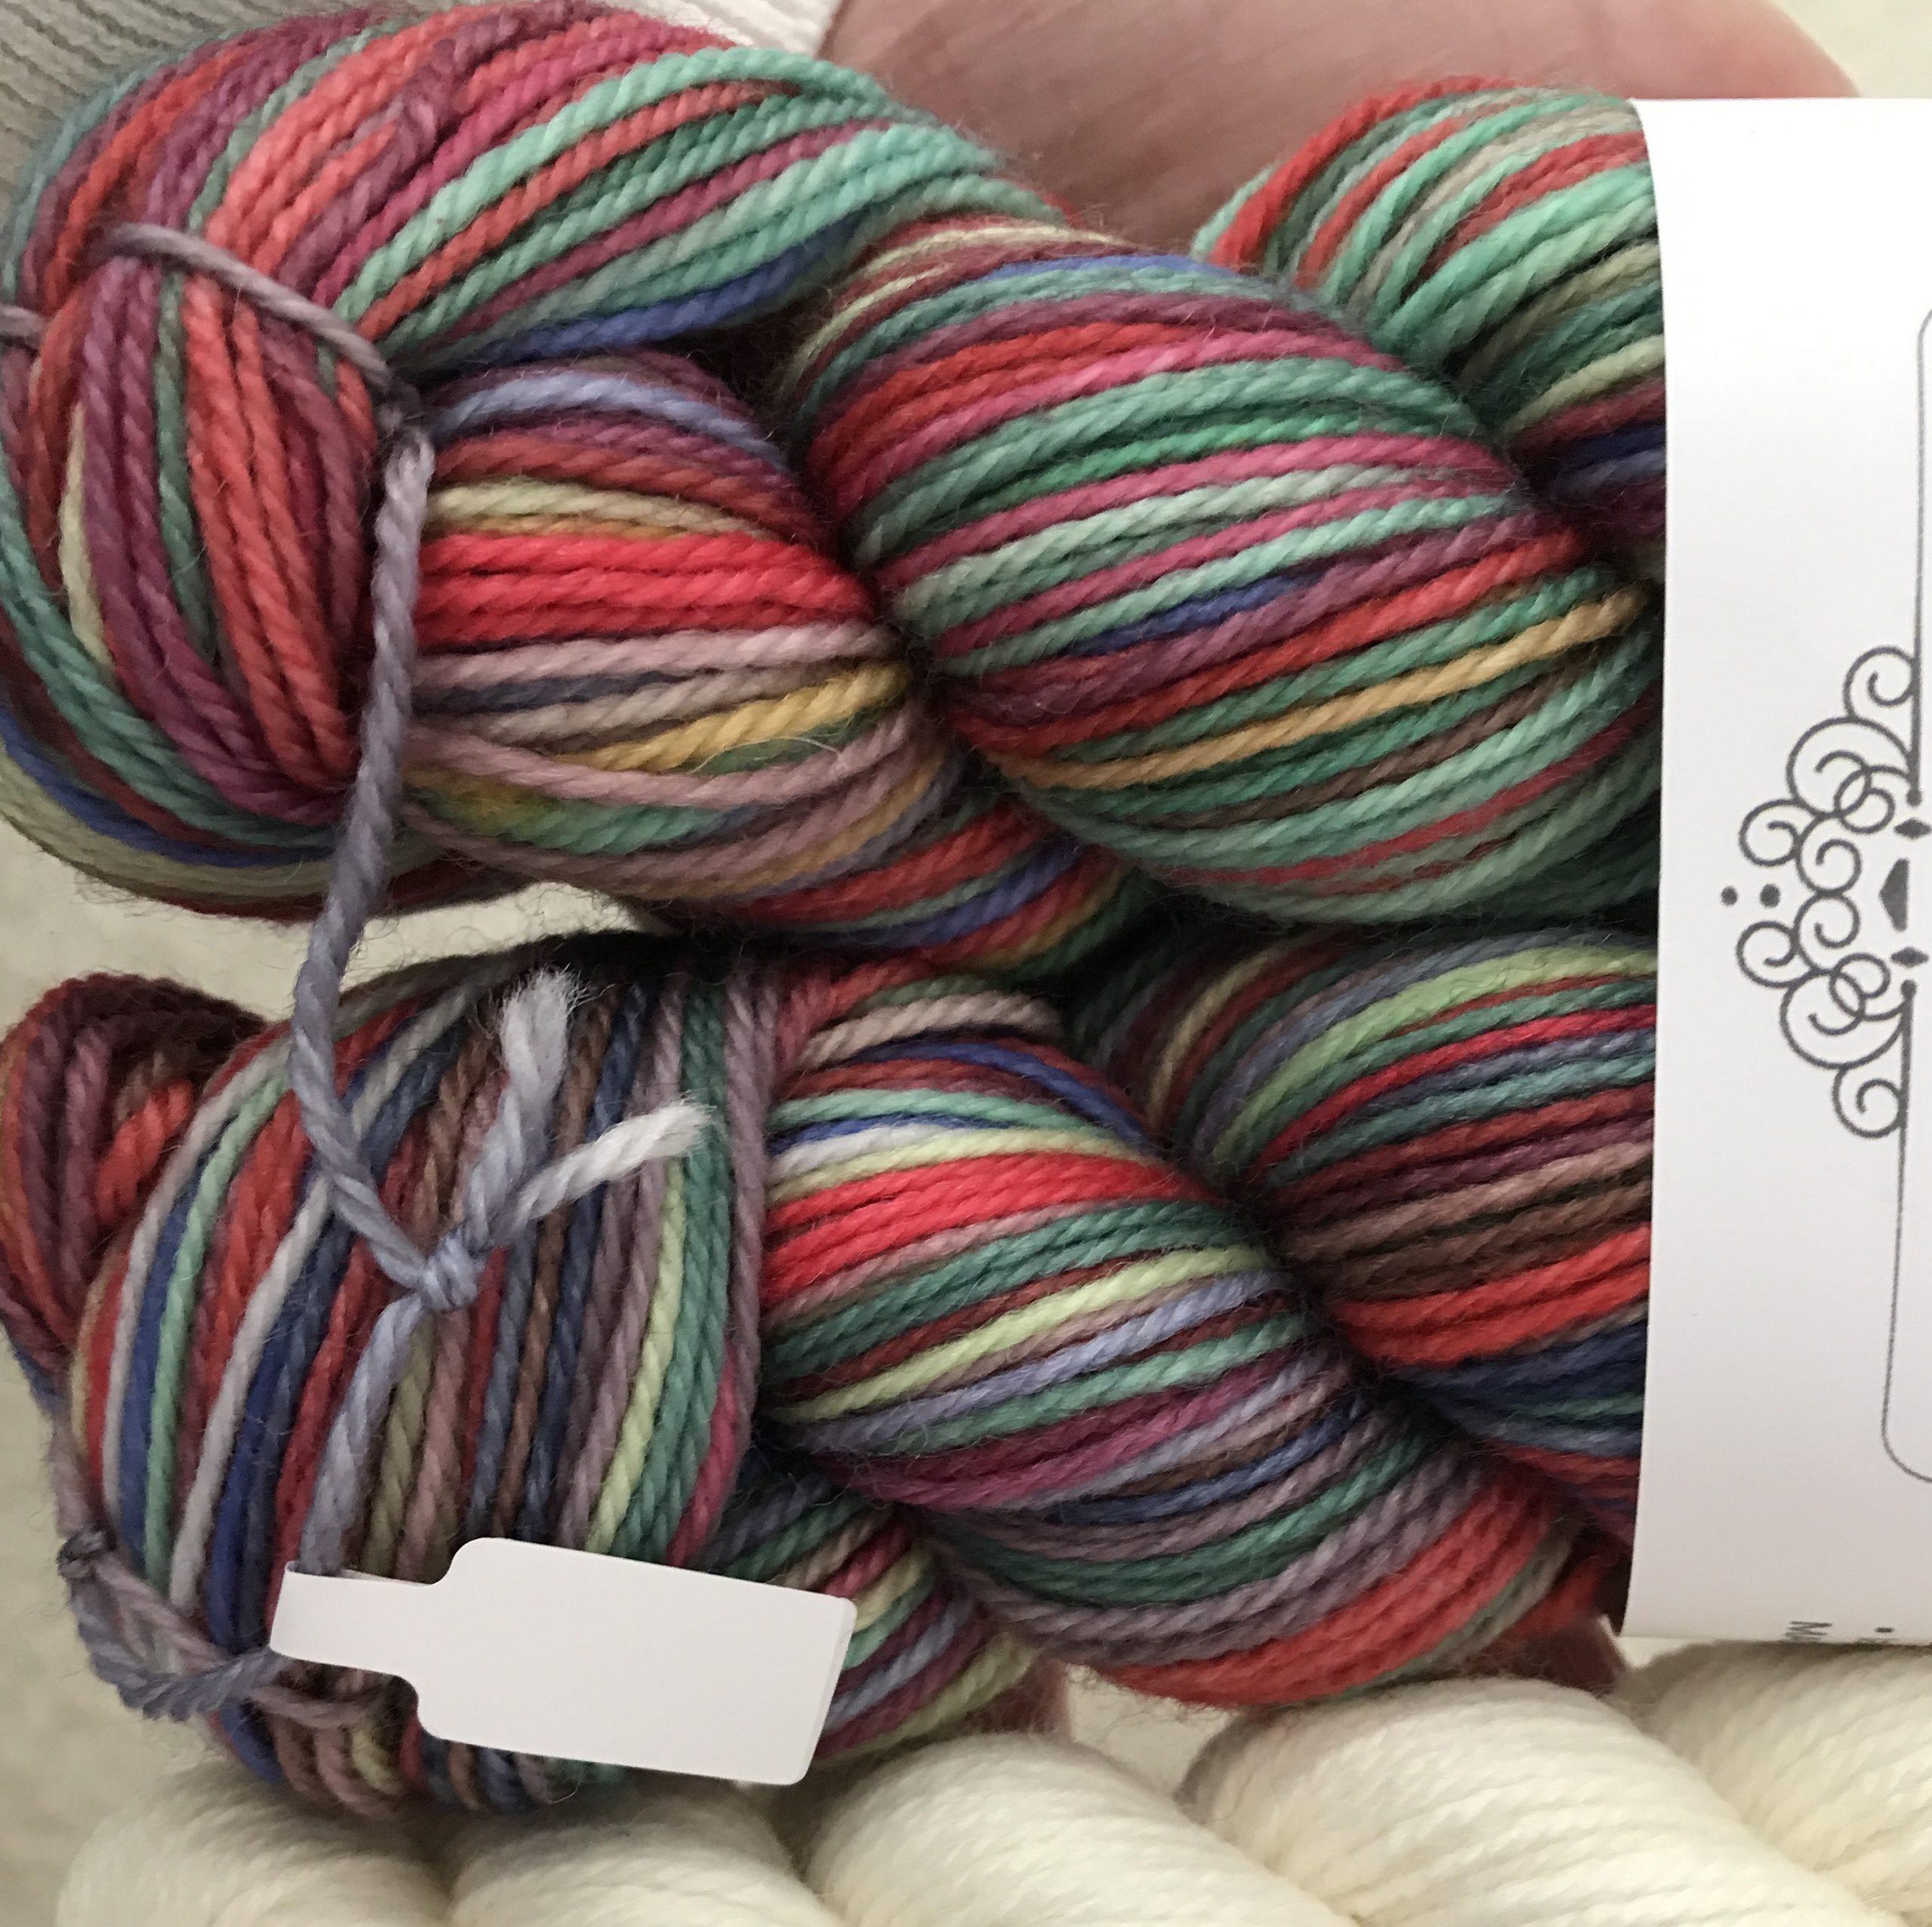 Cozy Knitter